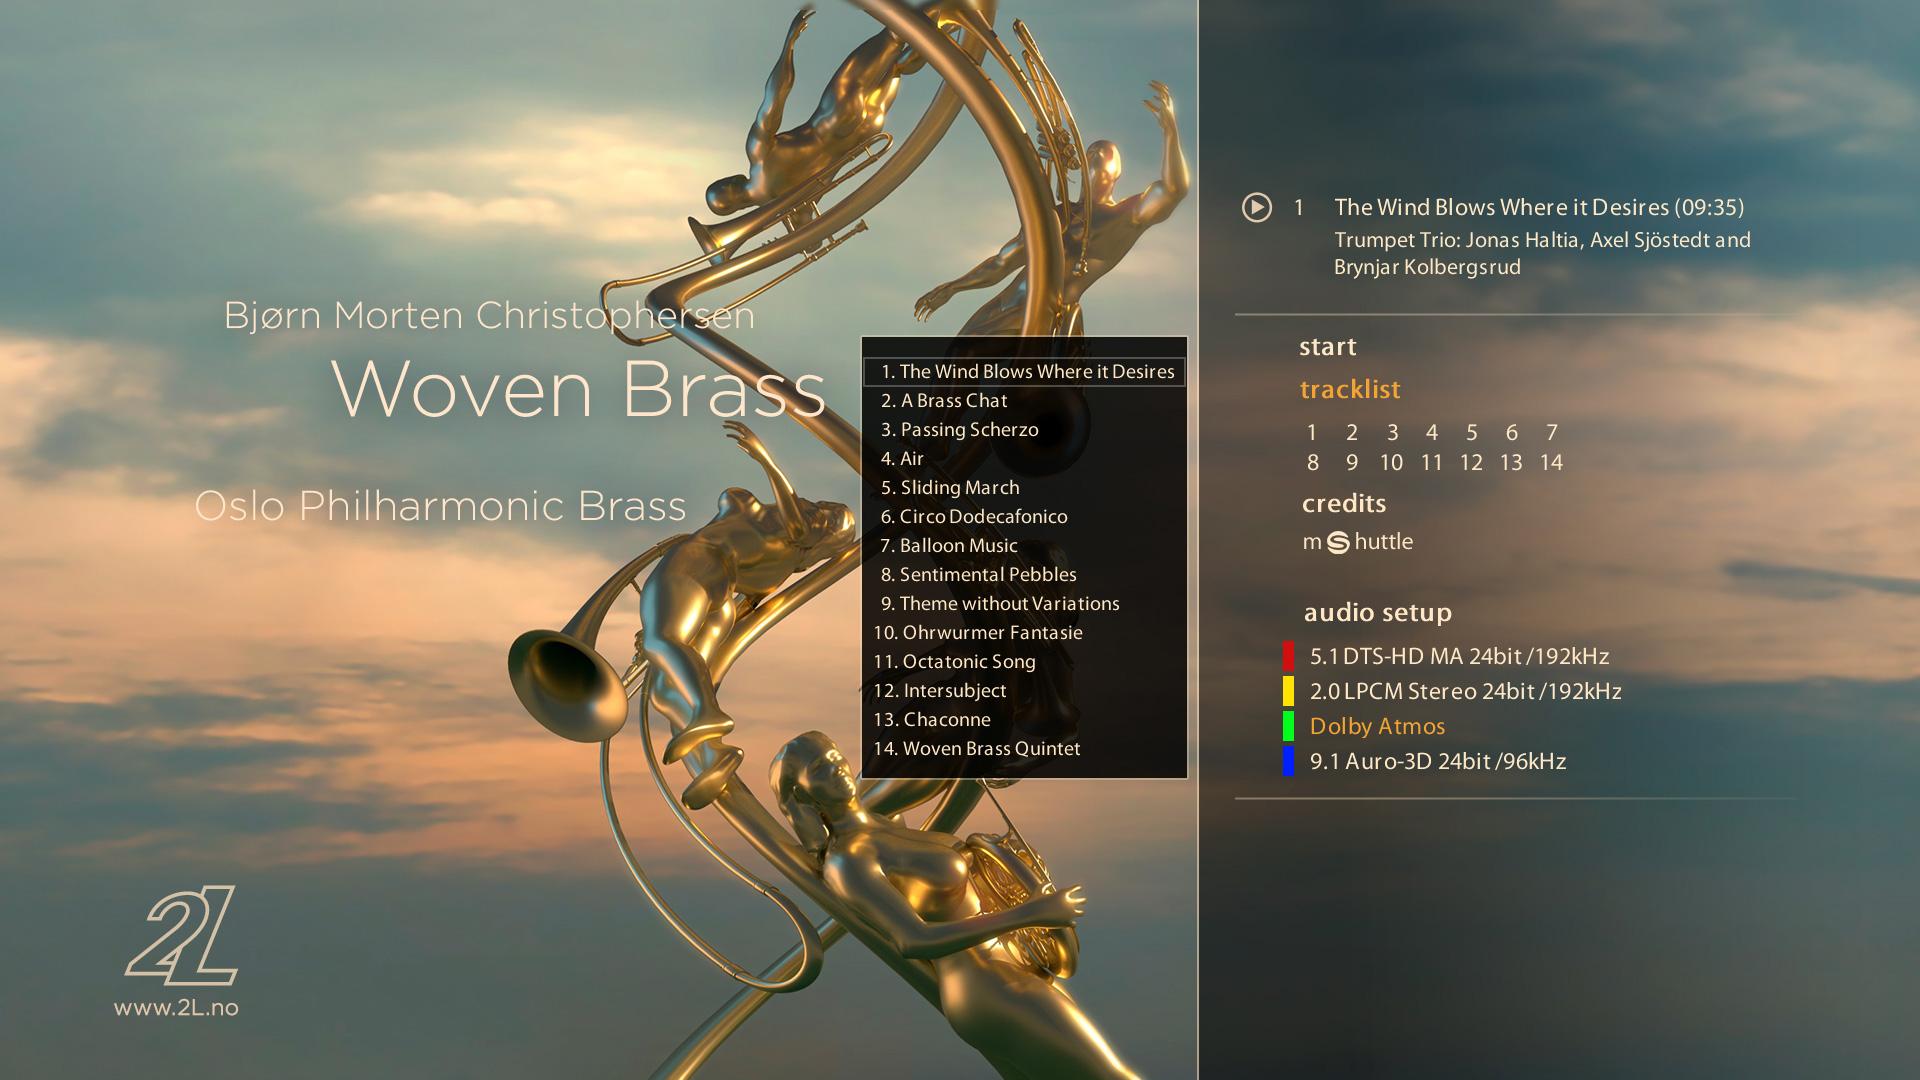 Album: Bjørn Morten Christophersen: Woven Brass (2L-143-SABD